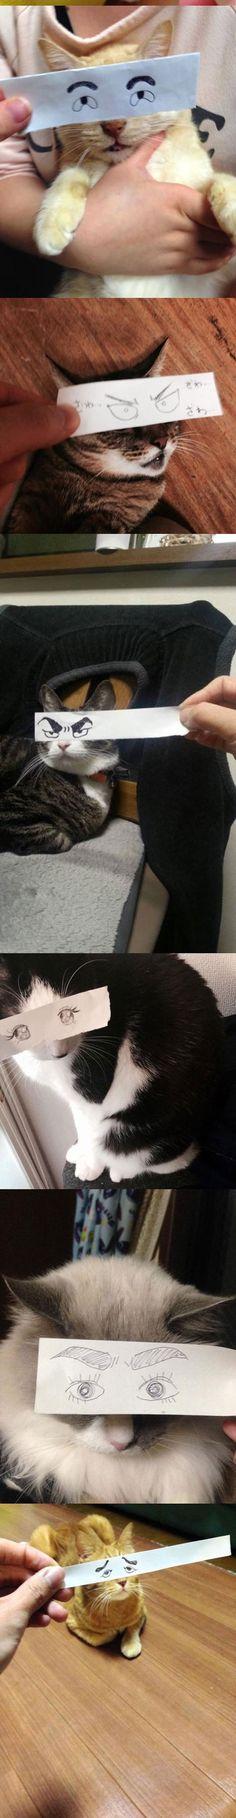 I reallllllllllllllllly dislike them, but eh......... can't say I hate em  #Cats